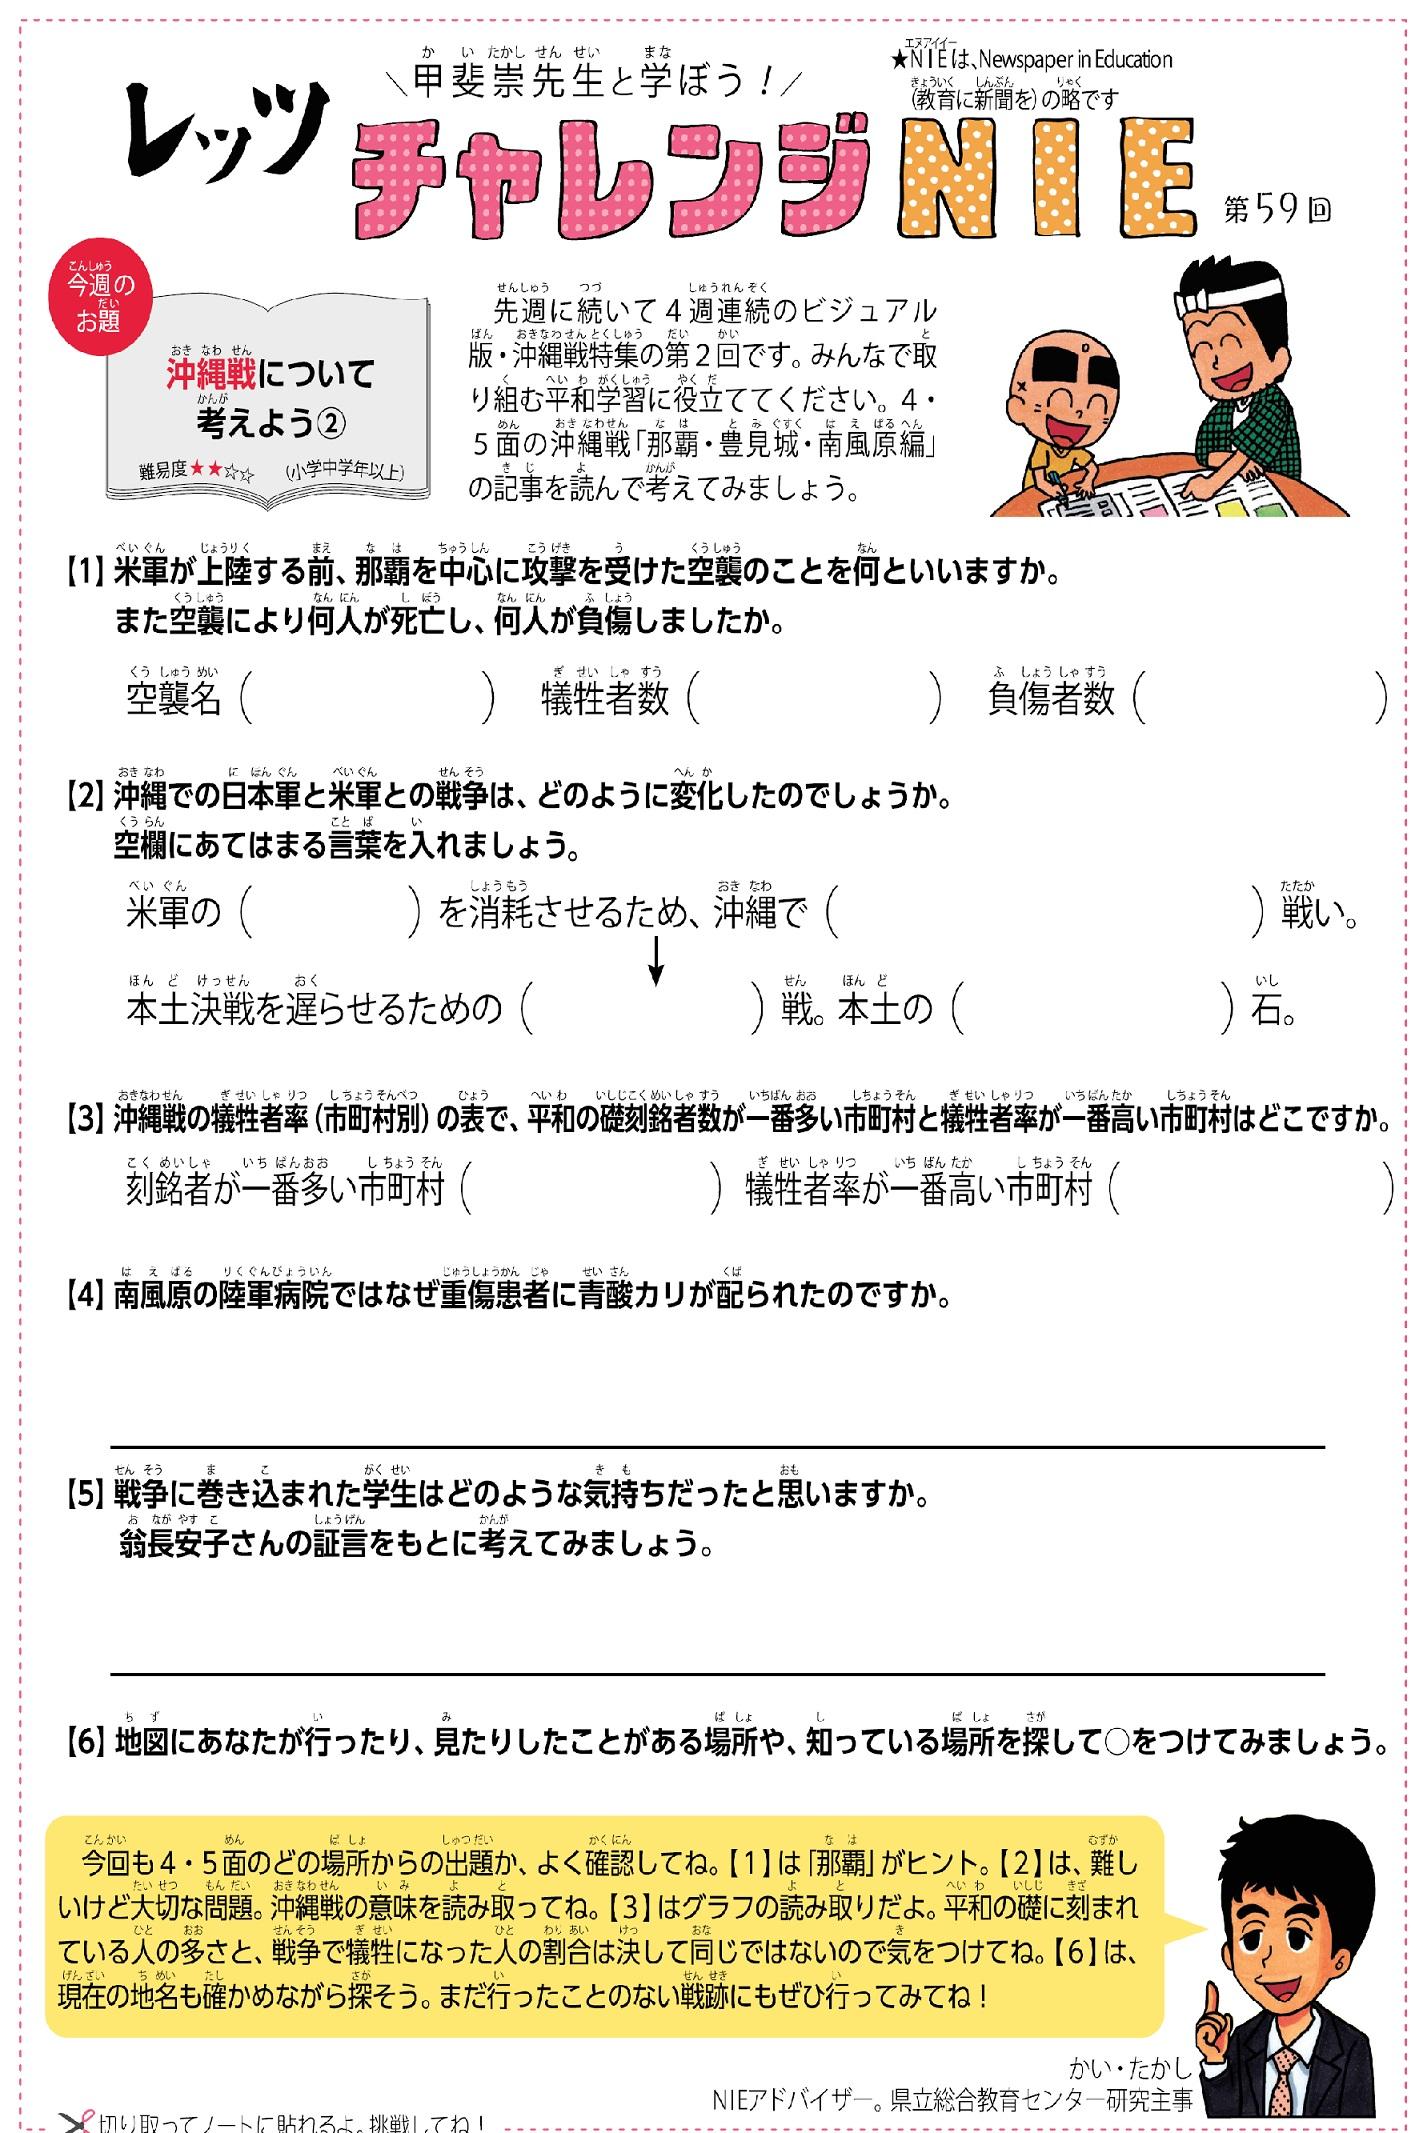 2016年5月29日付け 6面